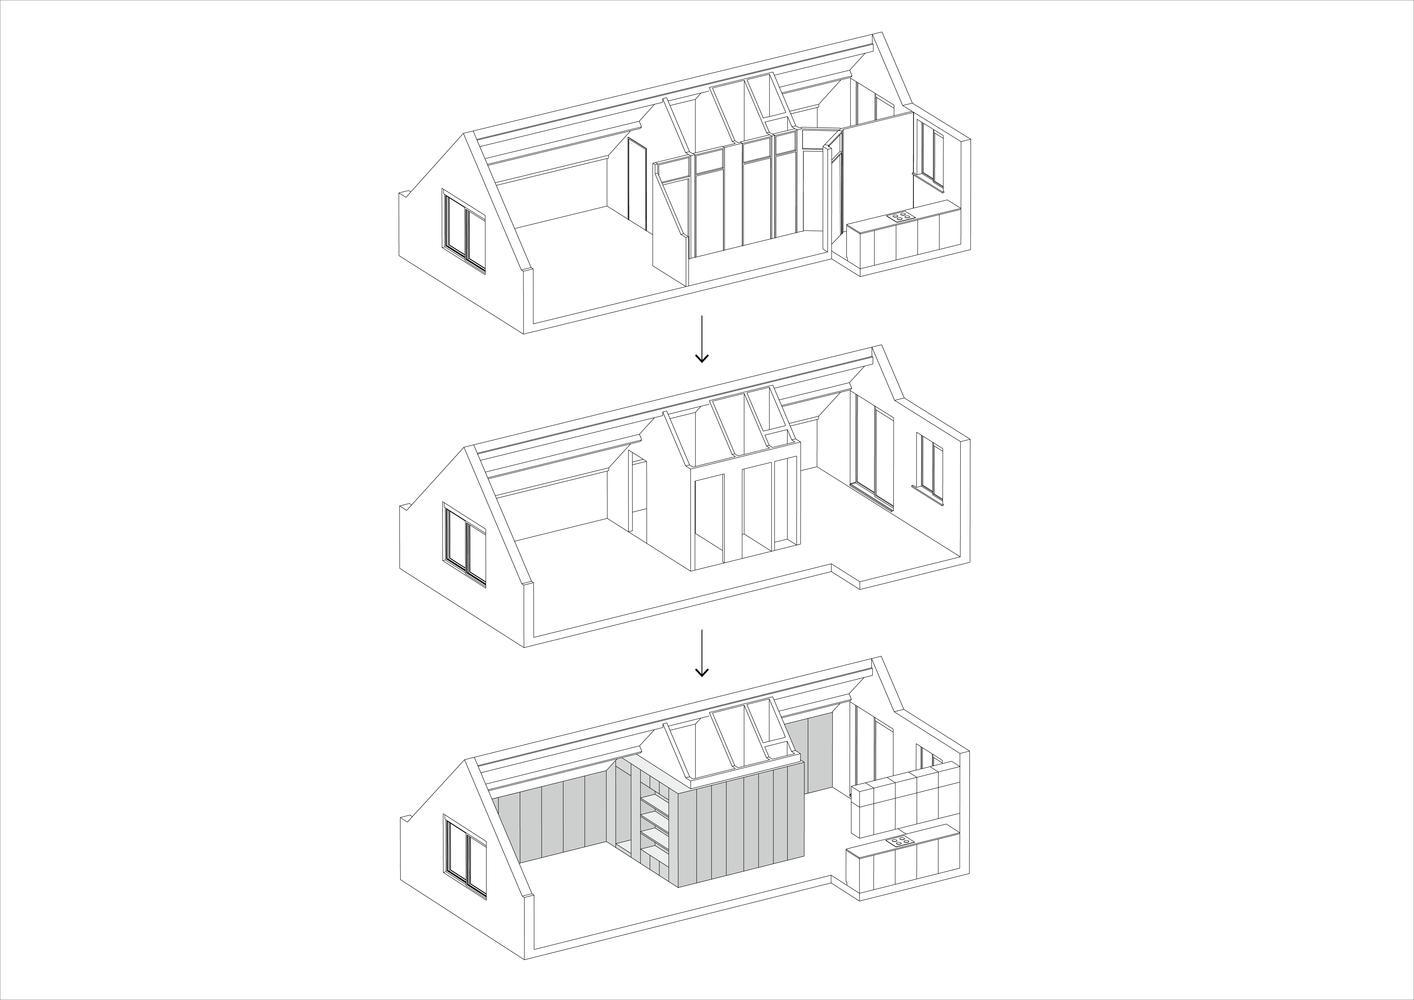 Bản thiết kế cải tạo căn hộ